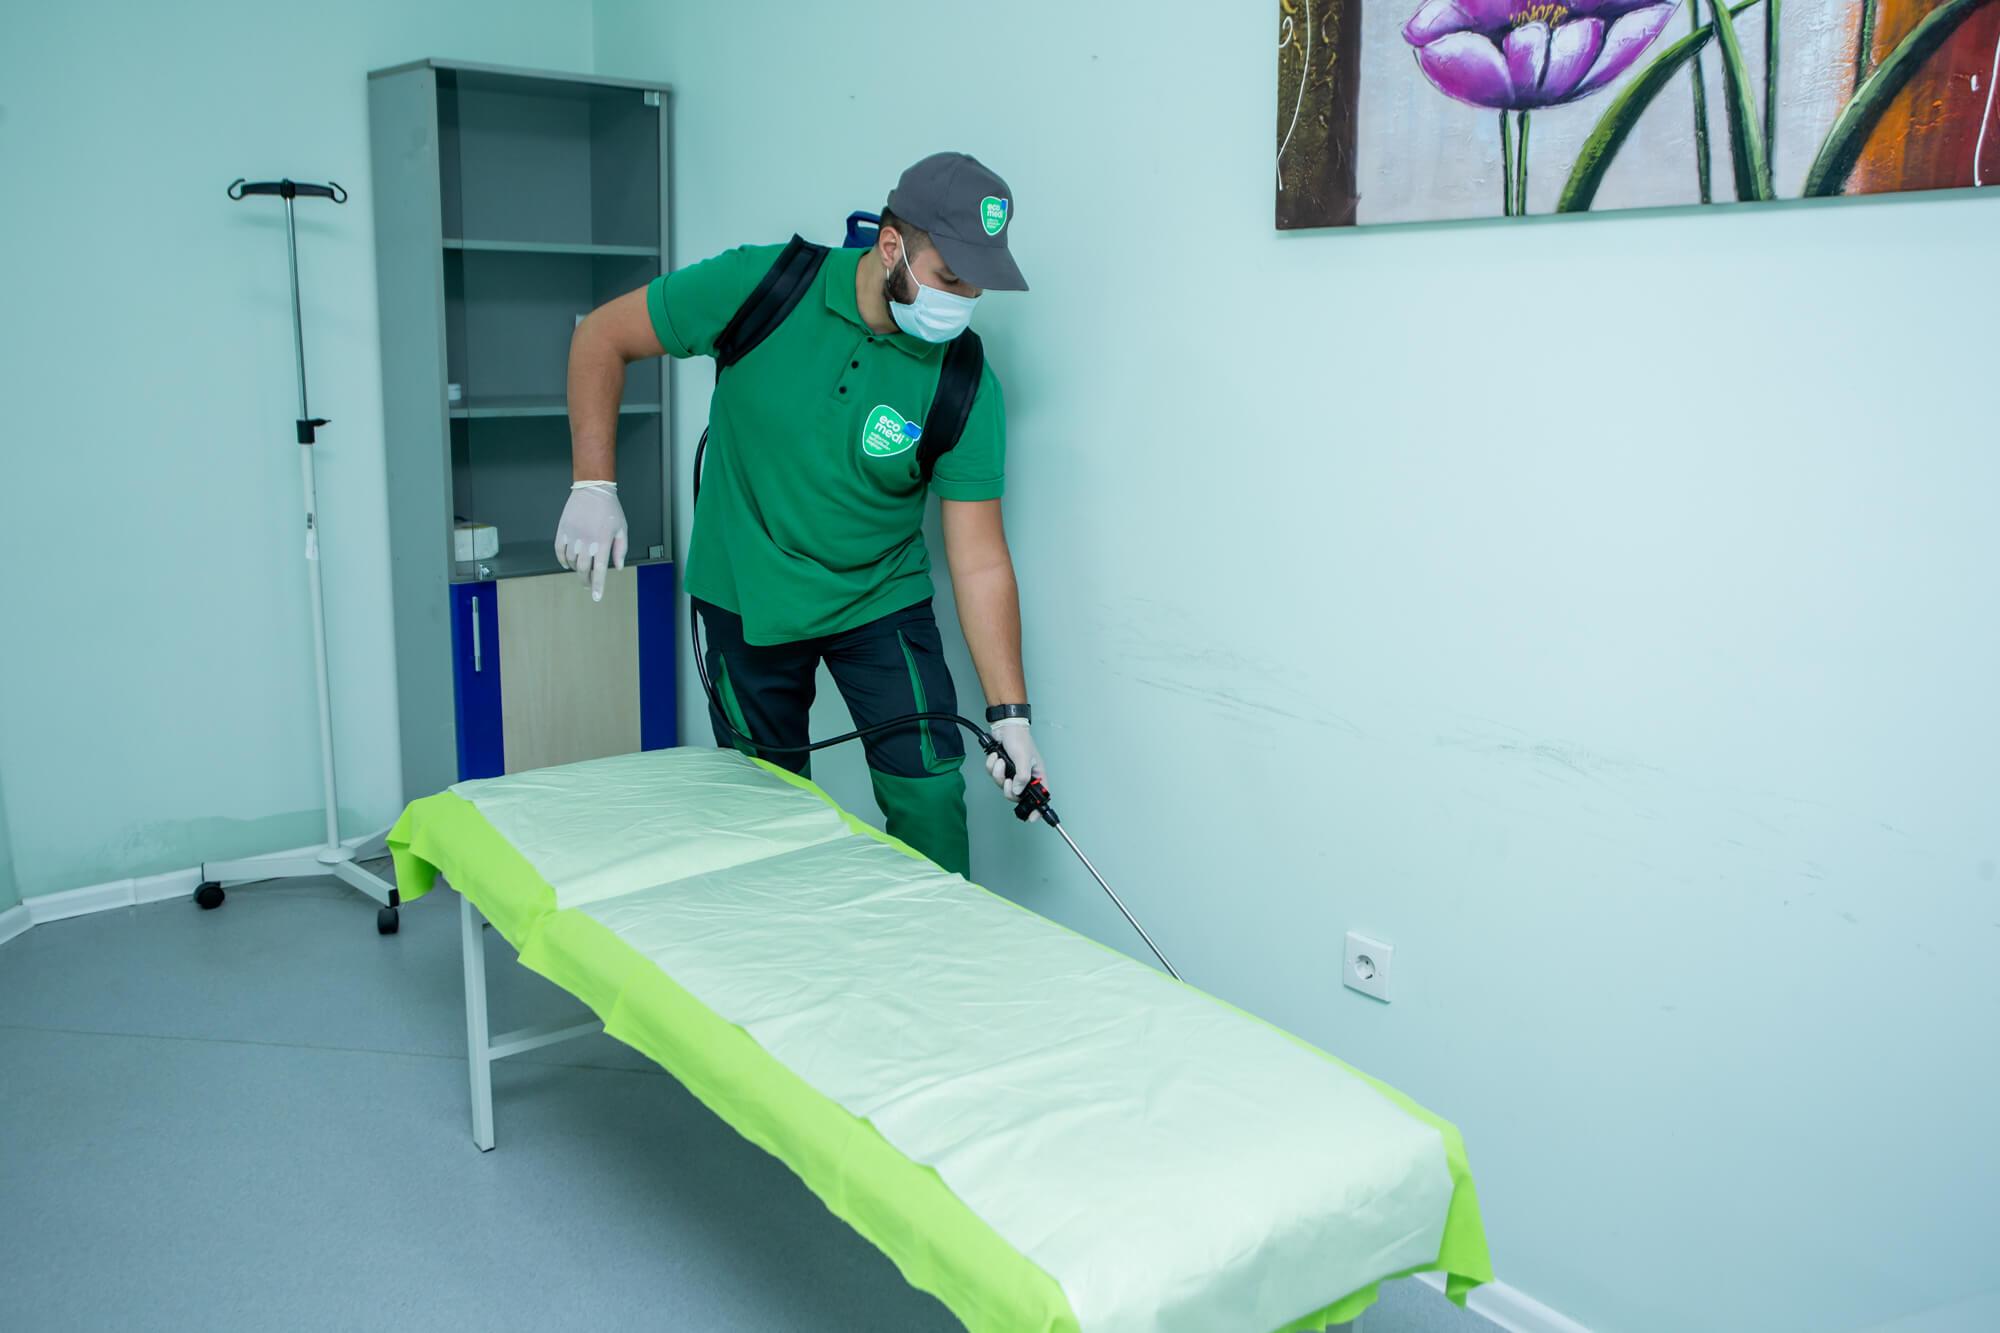 Bakı Bərpa Mərkəzi - Sağlamlıq təmizlikdən başlayır - EcoMedi MMC dezinfeksiya, dezinseksiya, deratizasiya, fumiqasiya işlərinin həyata keçirilməsi üzrə qabaqcıl şirkətdir.